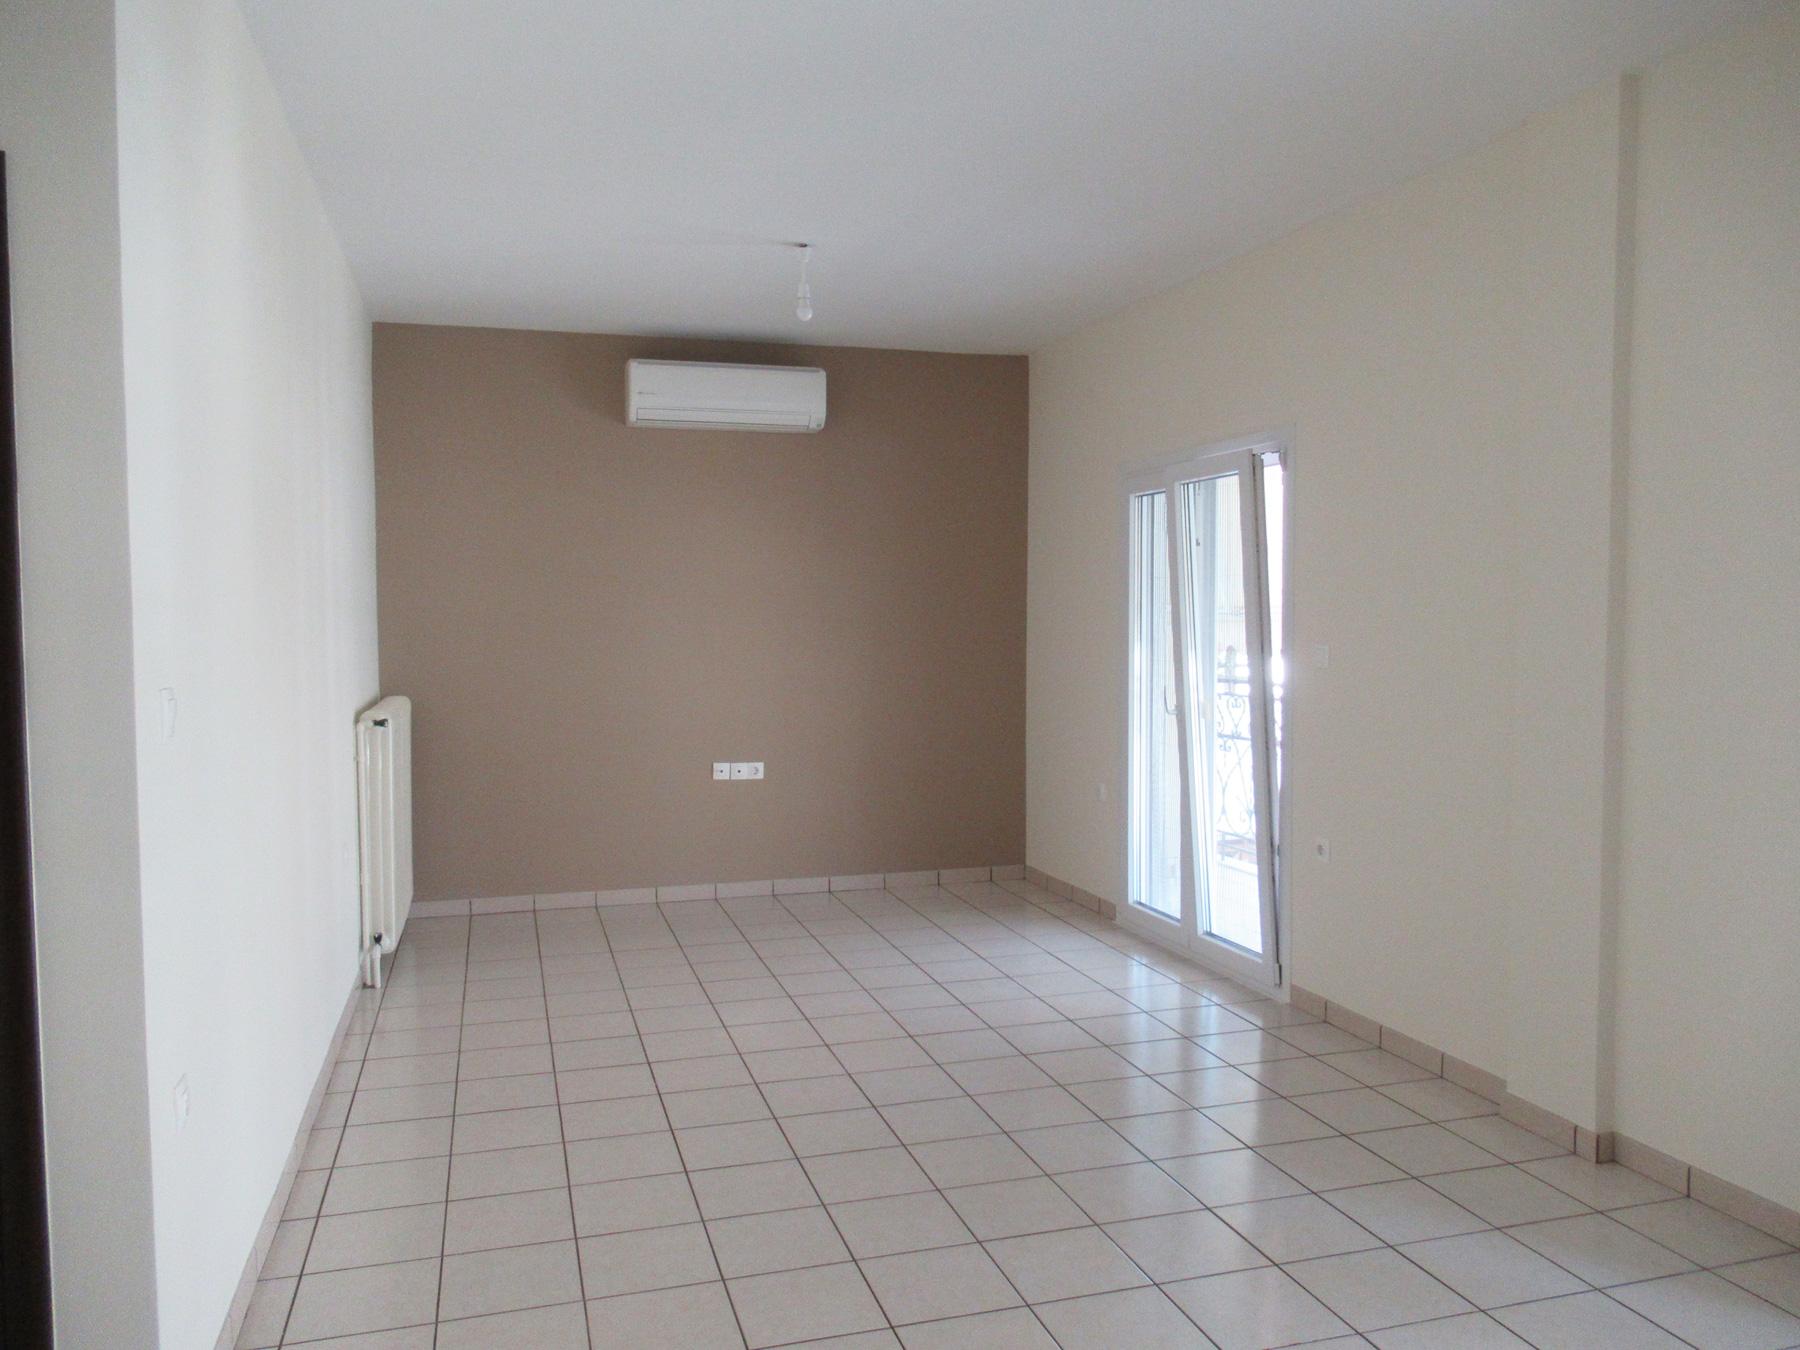 Ενοικιάζεται 3αρι διαμέρισμα 80 τ.μ. 2ου ορόφου στην Ανατολή στα Ιωάννινα